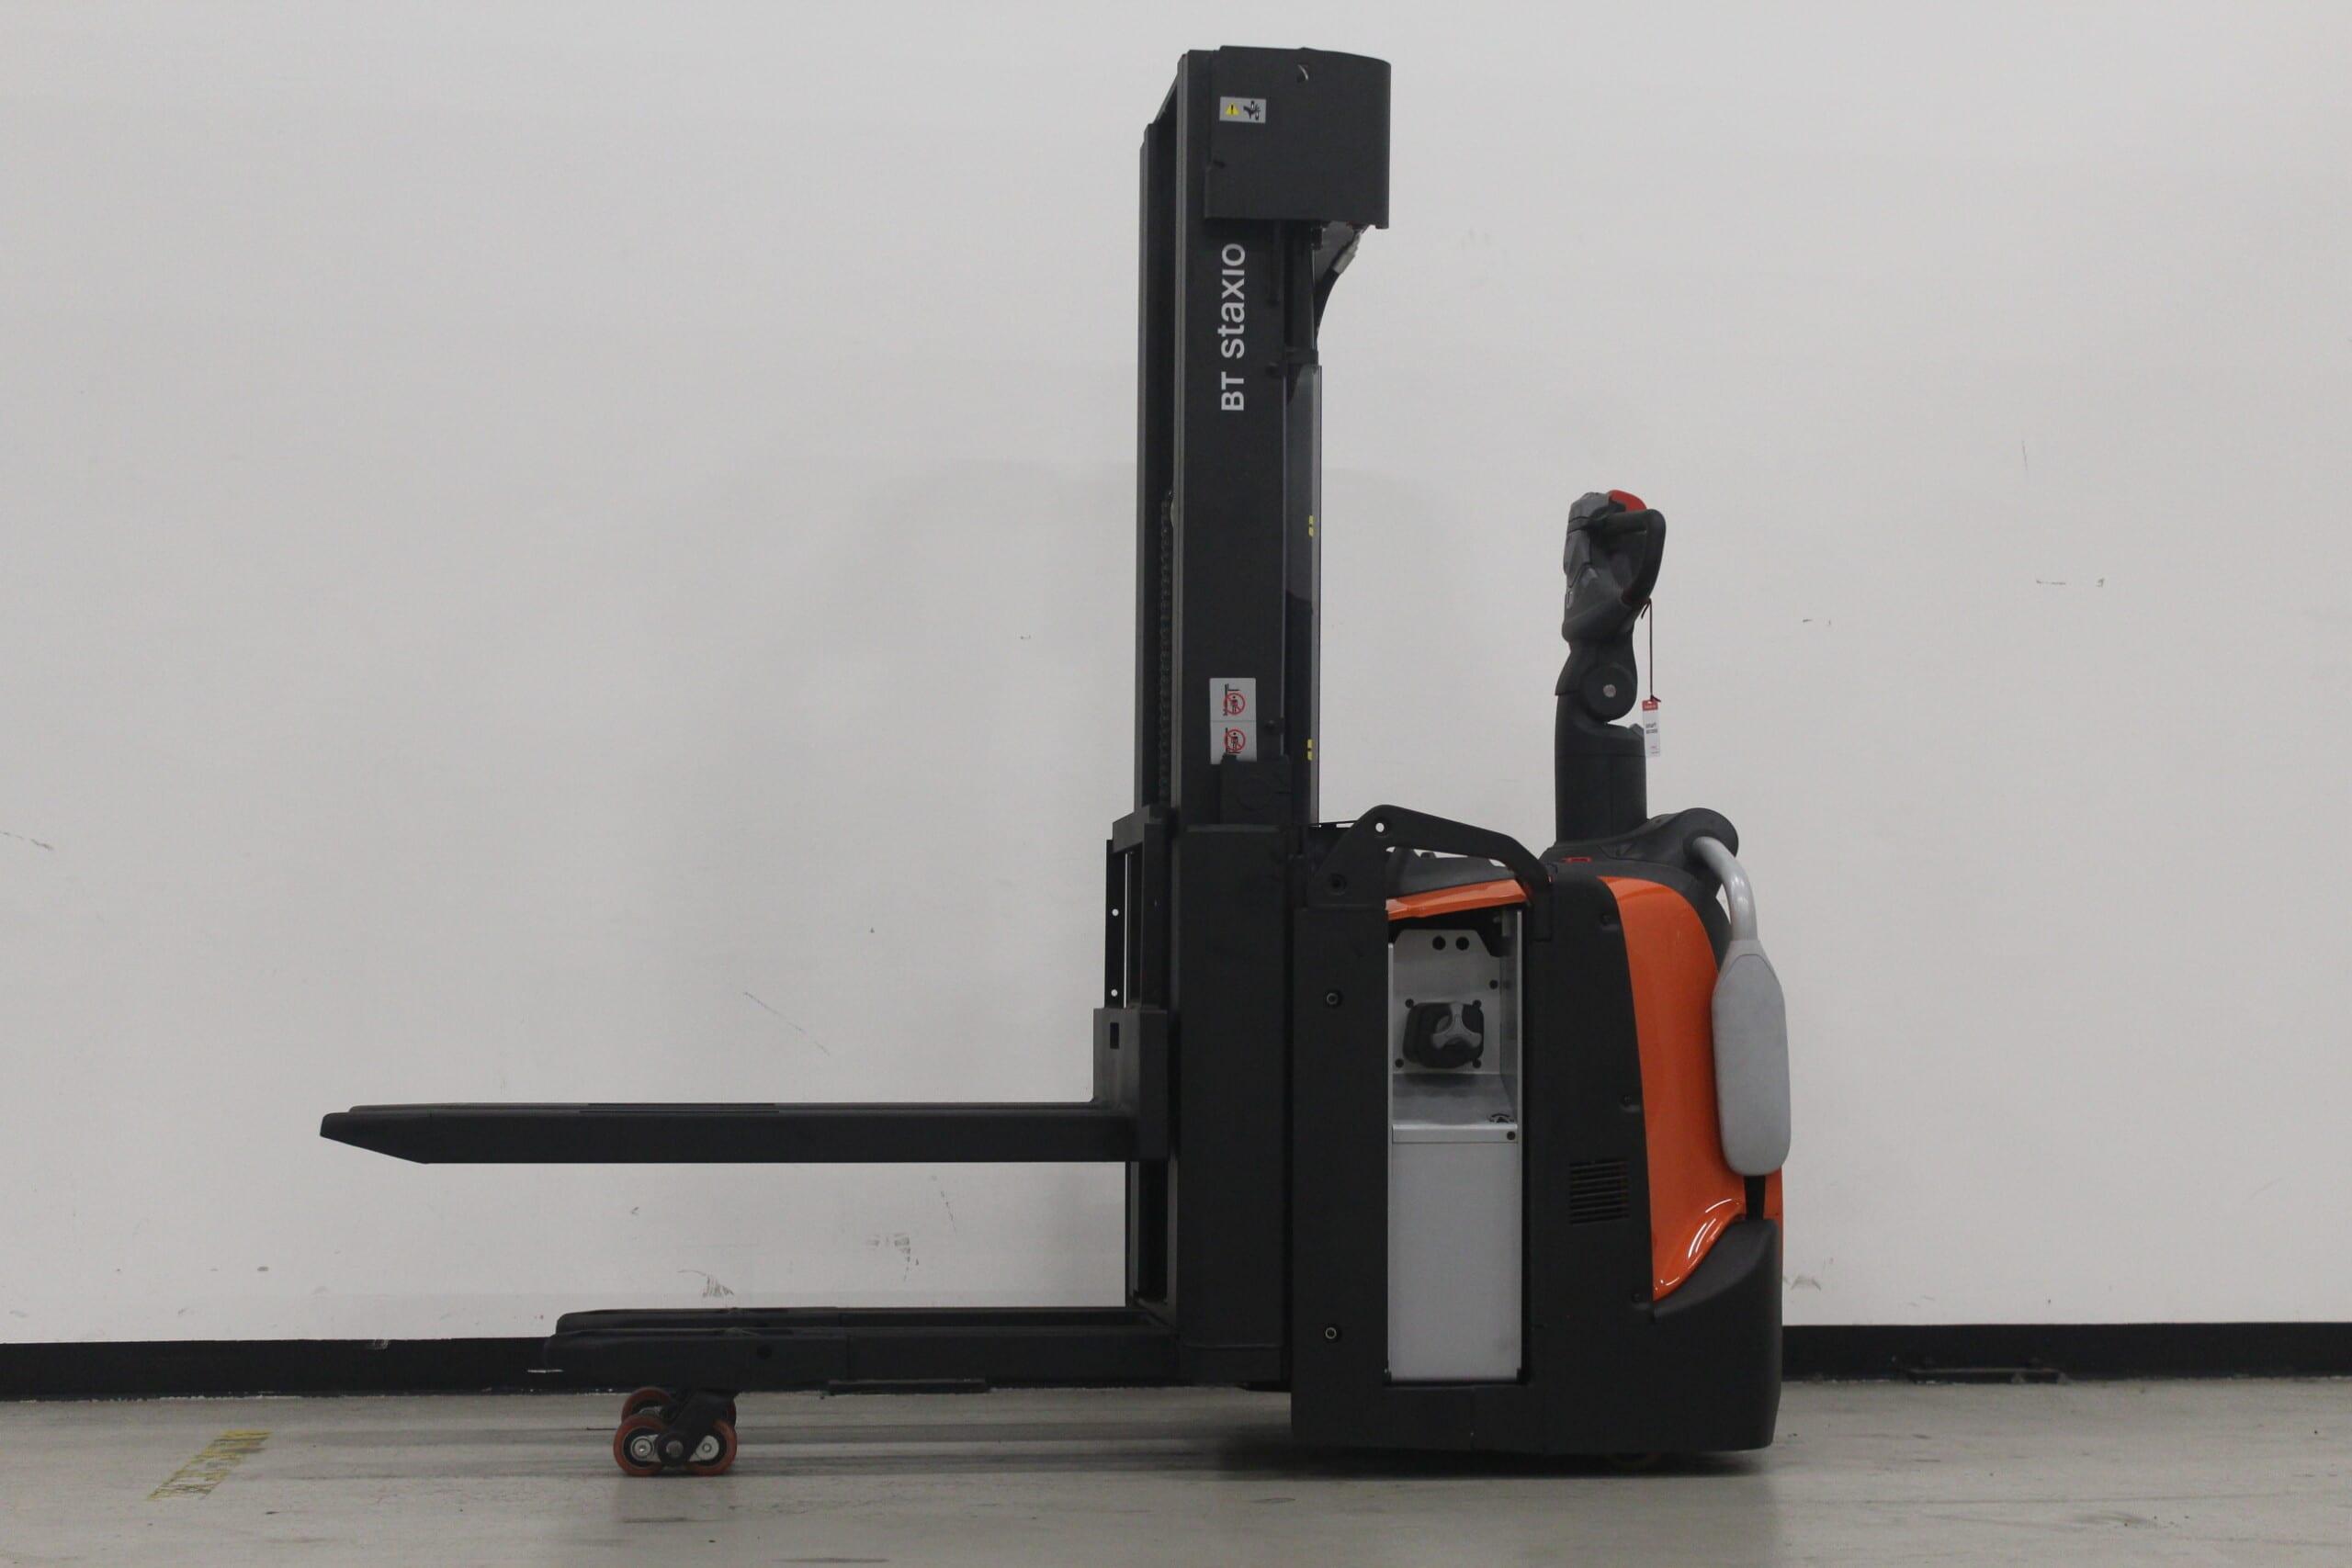 Toyota-Gabelstapler-59840 2003041032 1 scaled